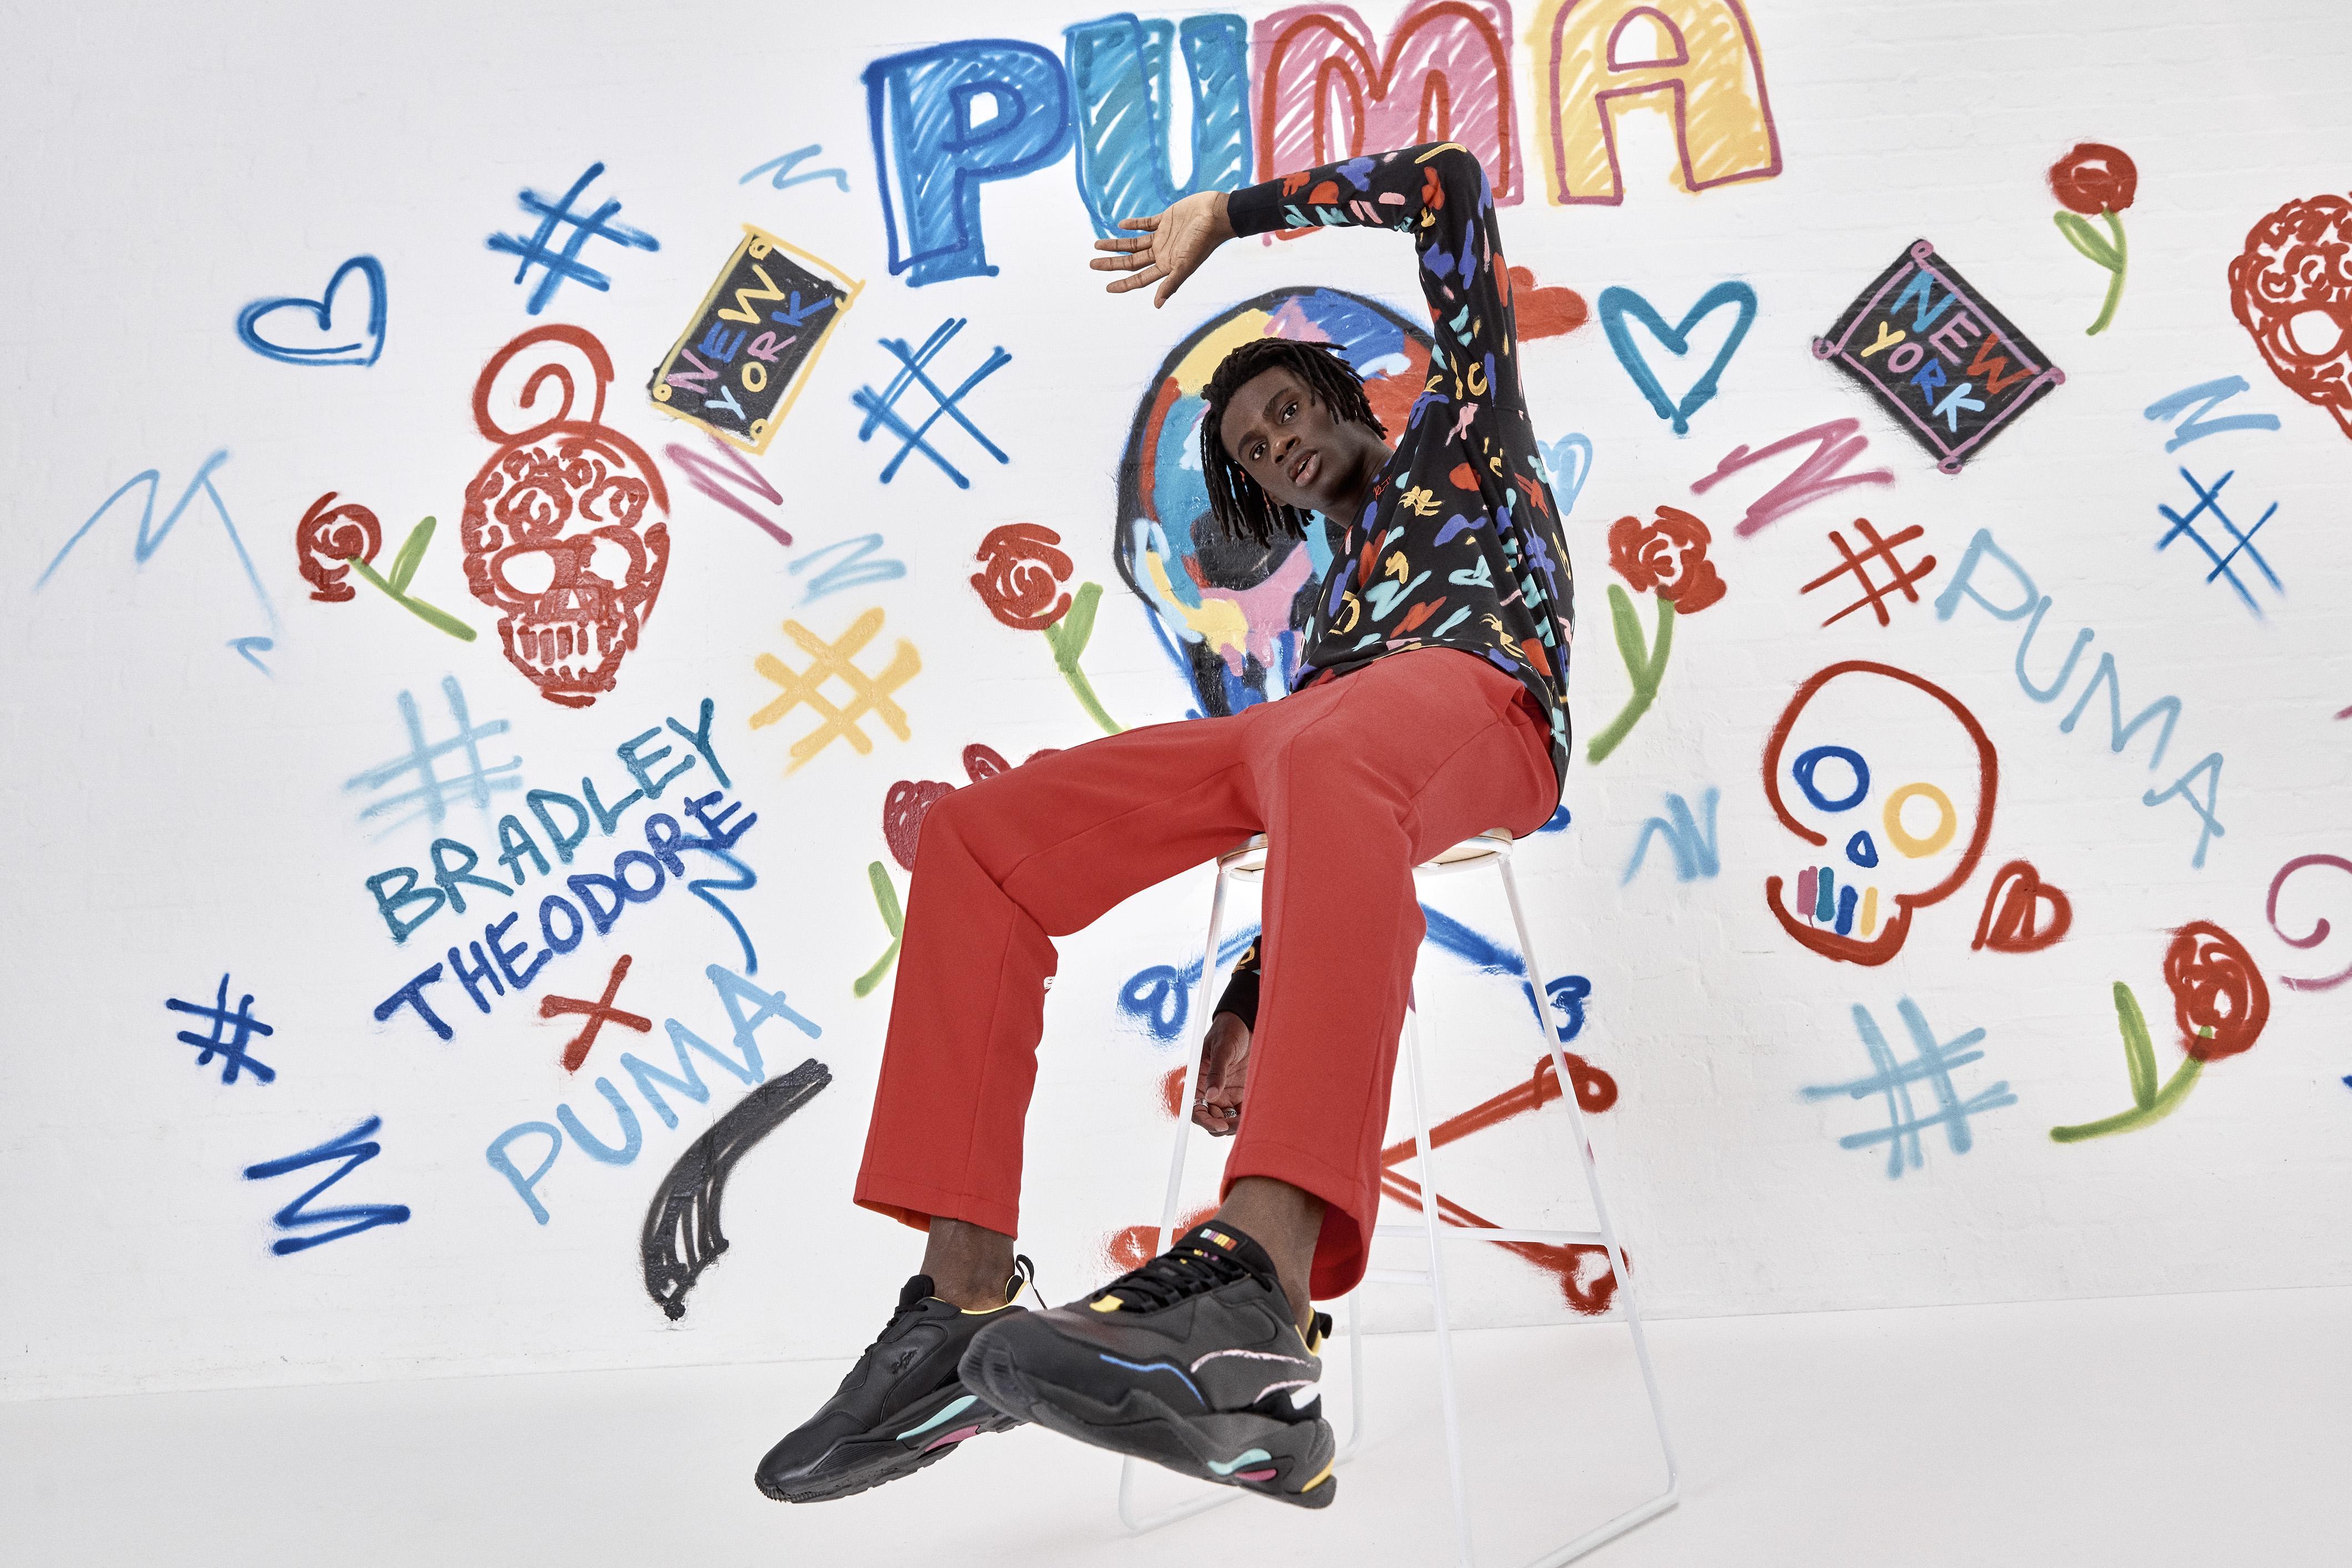 プーマ × ブラッドリー セオドア 4モデル 7枚目